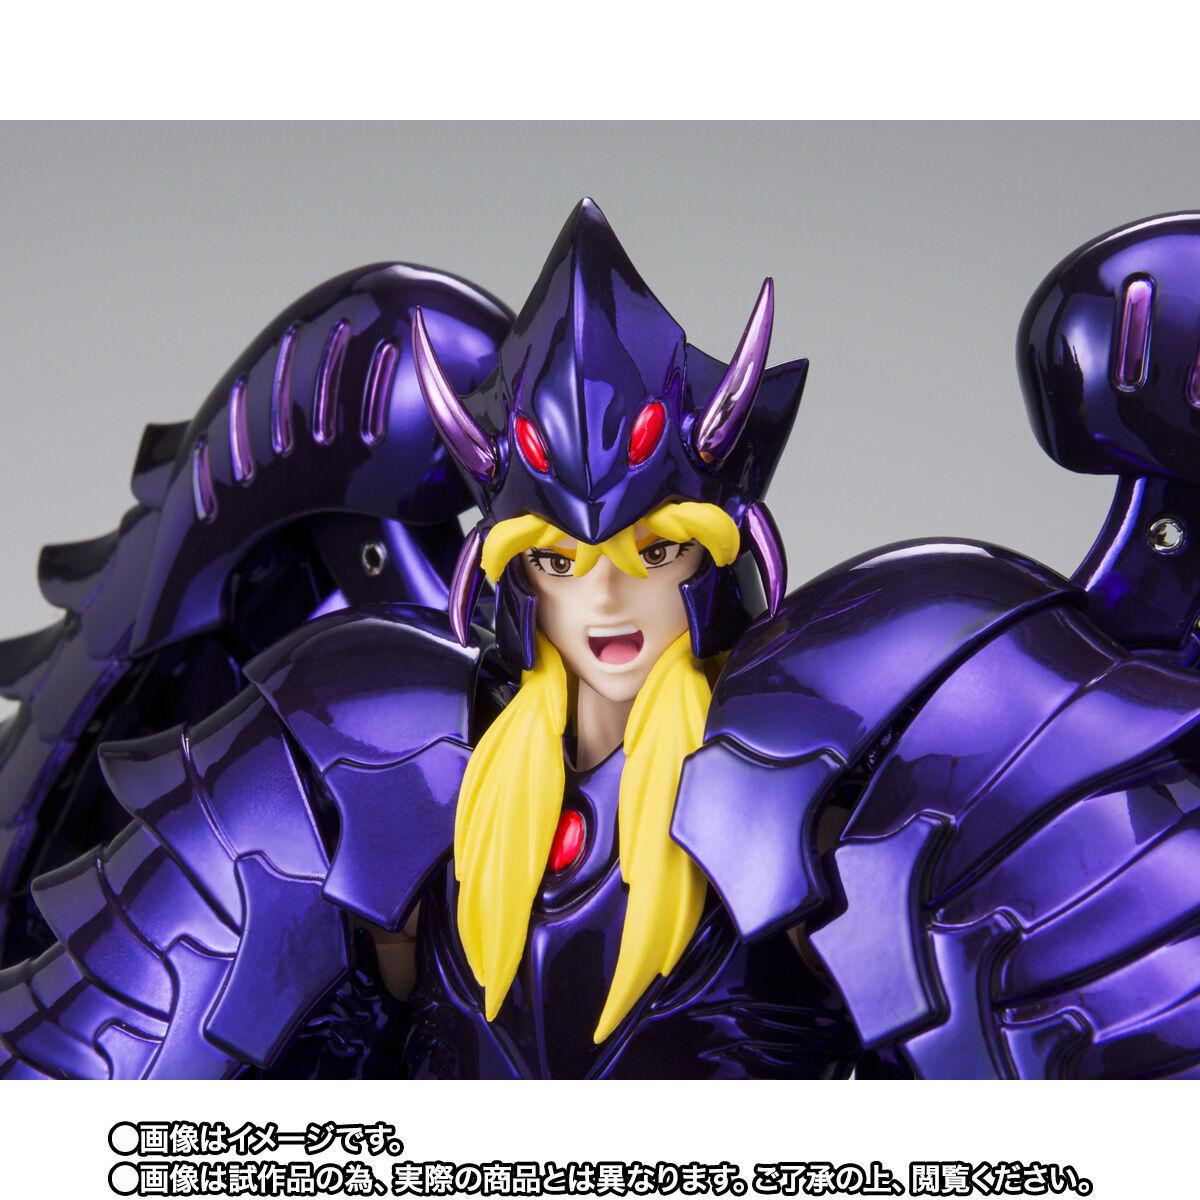 【限定販売】聖闘士聖衣神話EX『グリフォンミーノス ~ORIGINAL COLOR EDITION~』可動フィギュア-008